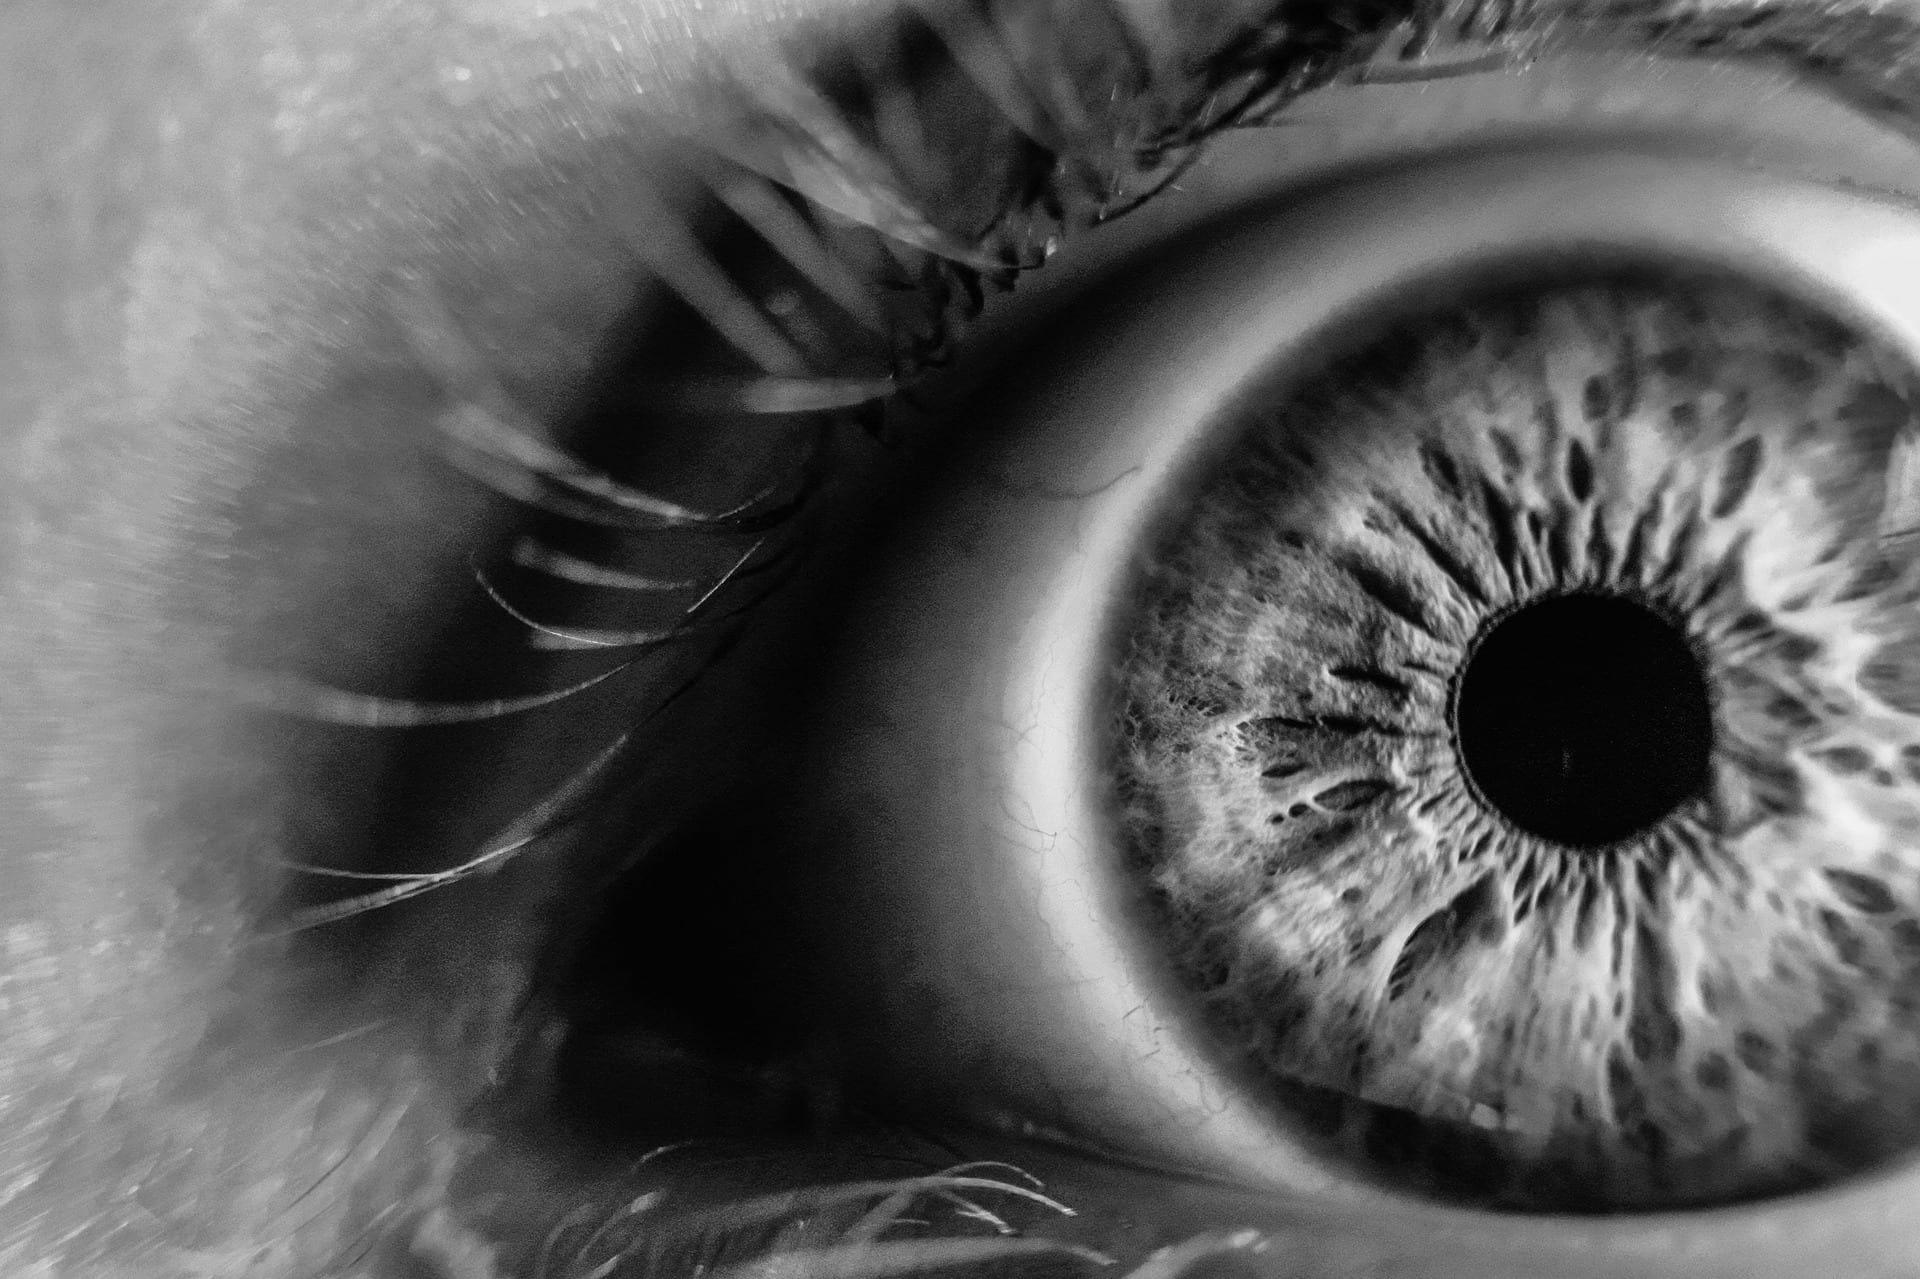 Луцентис — новое слово в лечении макулярной дегенерации